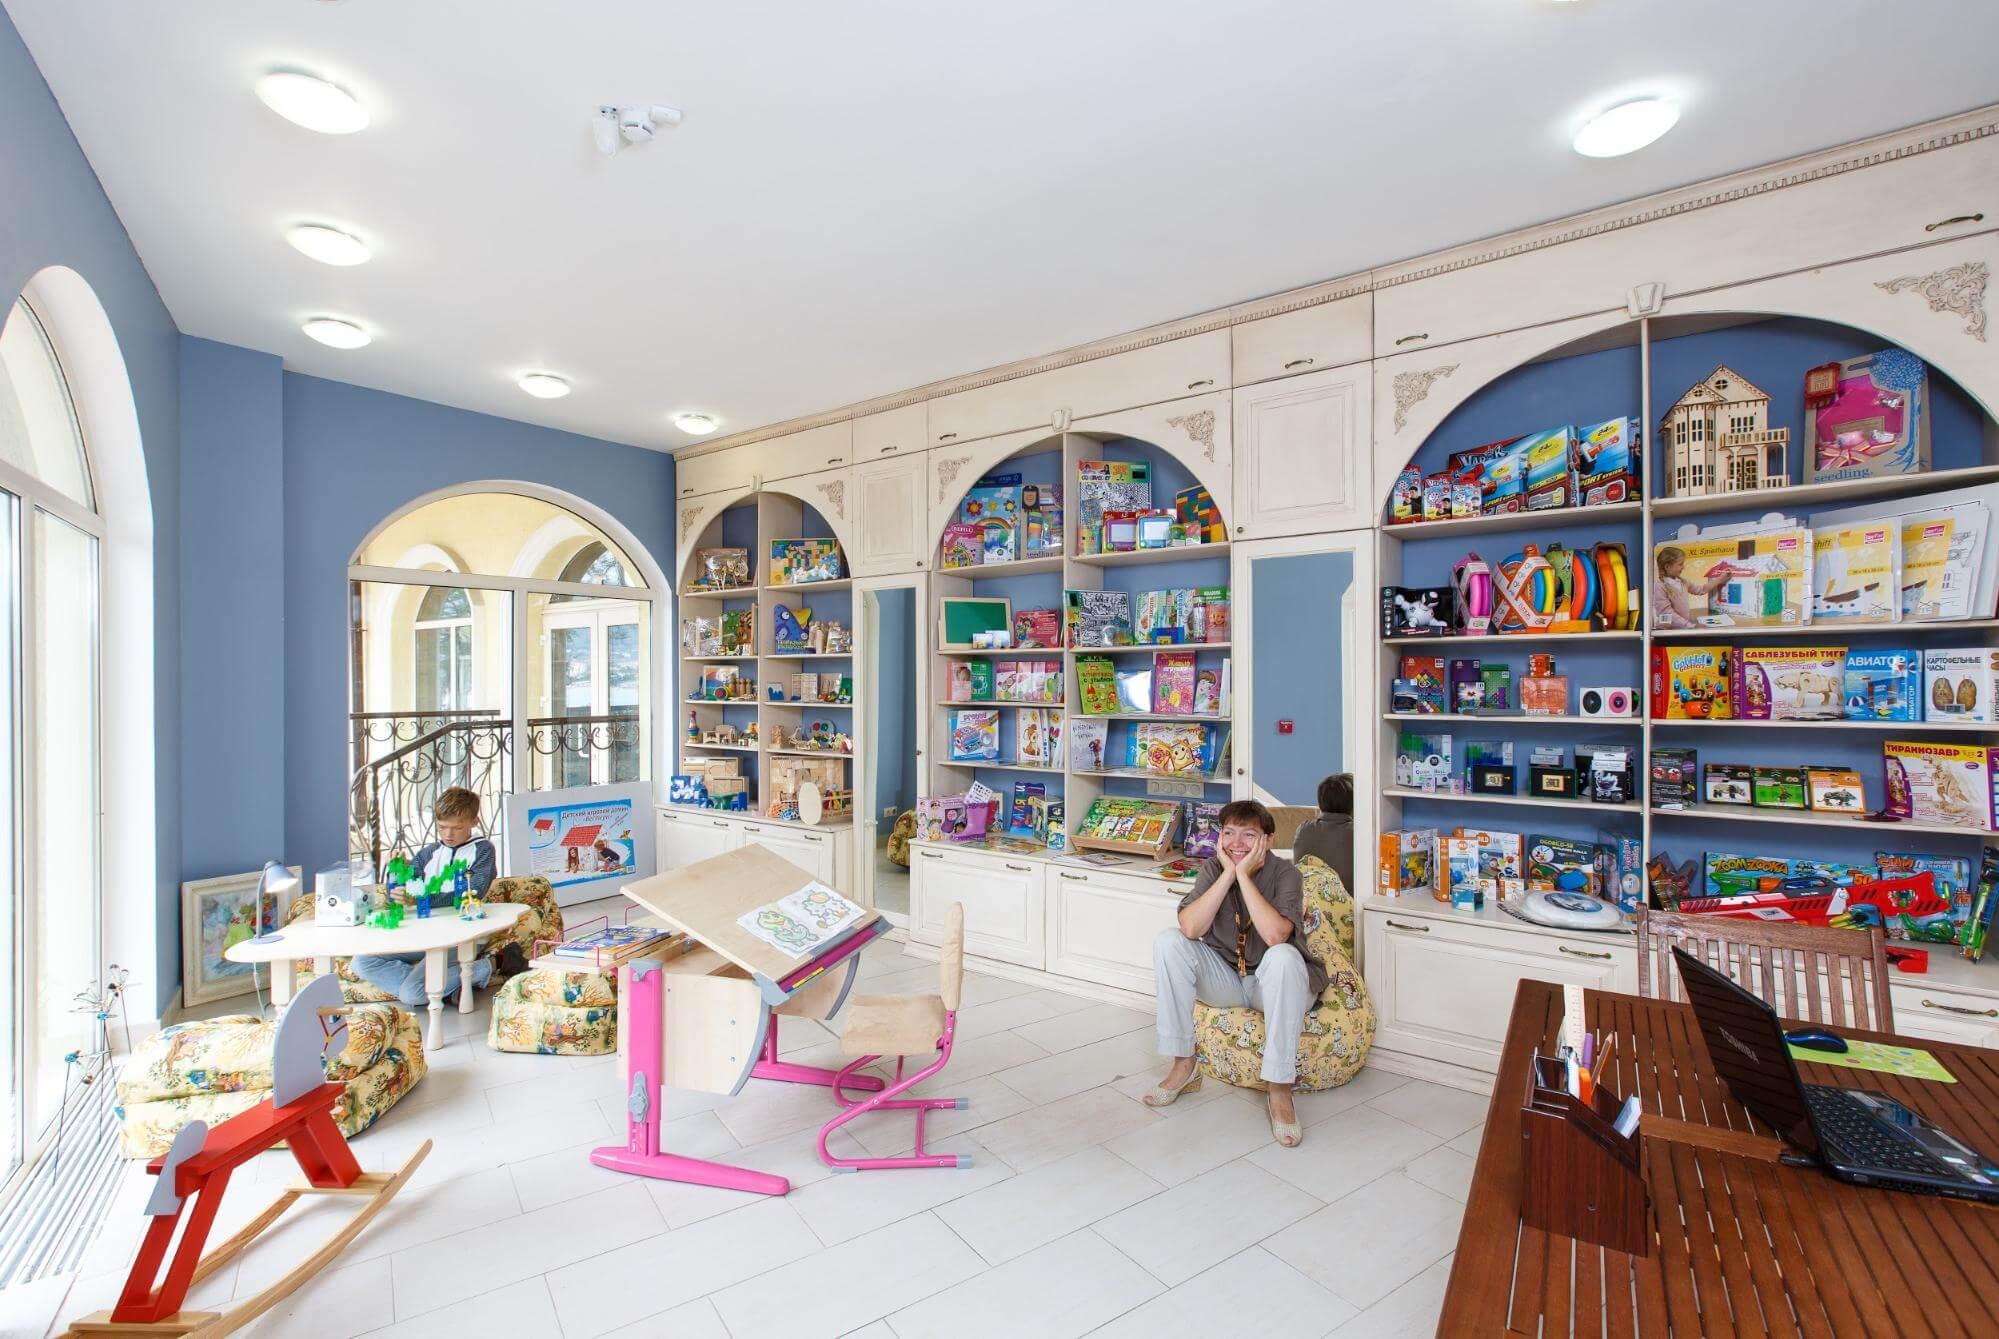 История провала. Как магазин умных игрушек непережил кризис